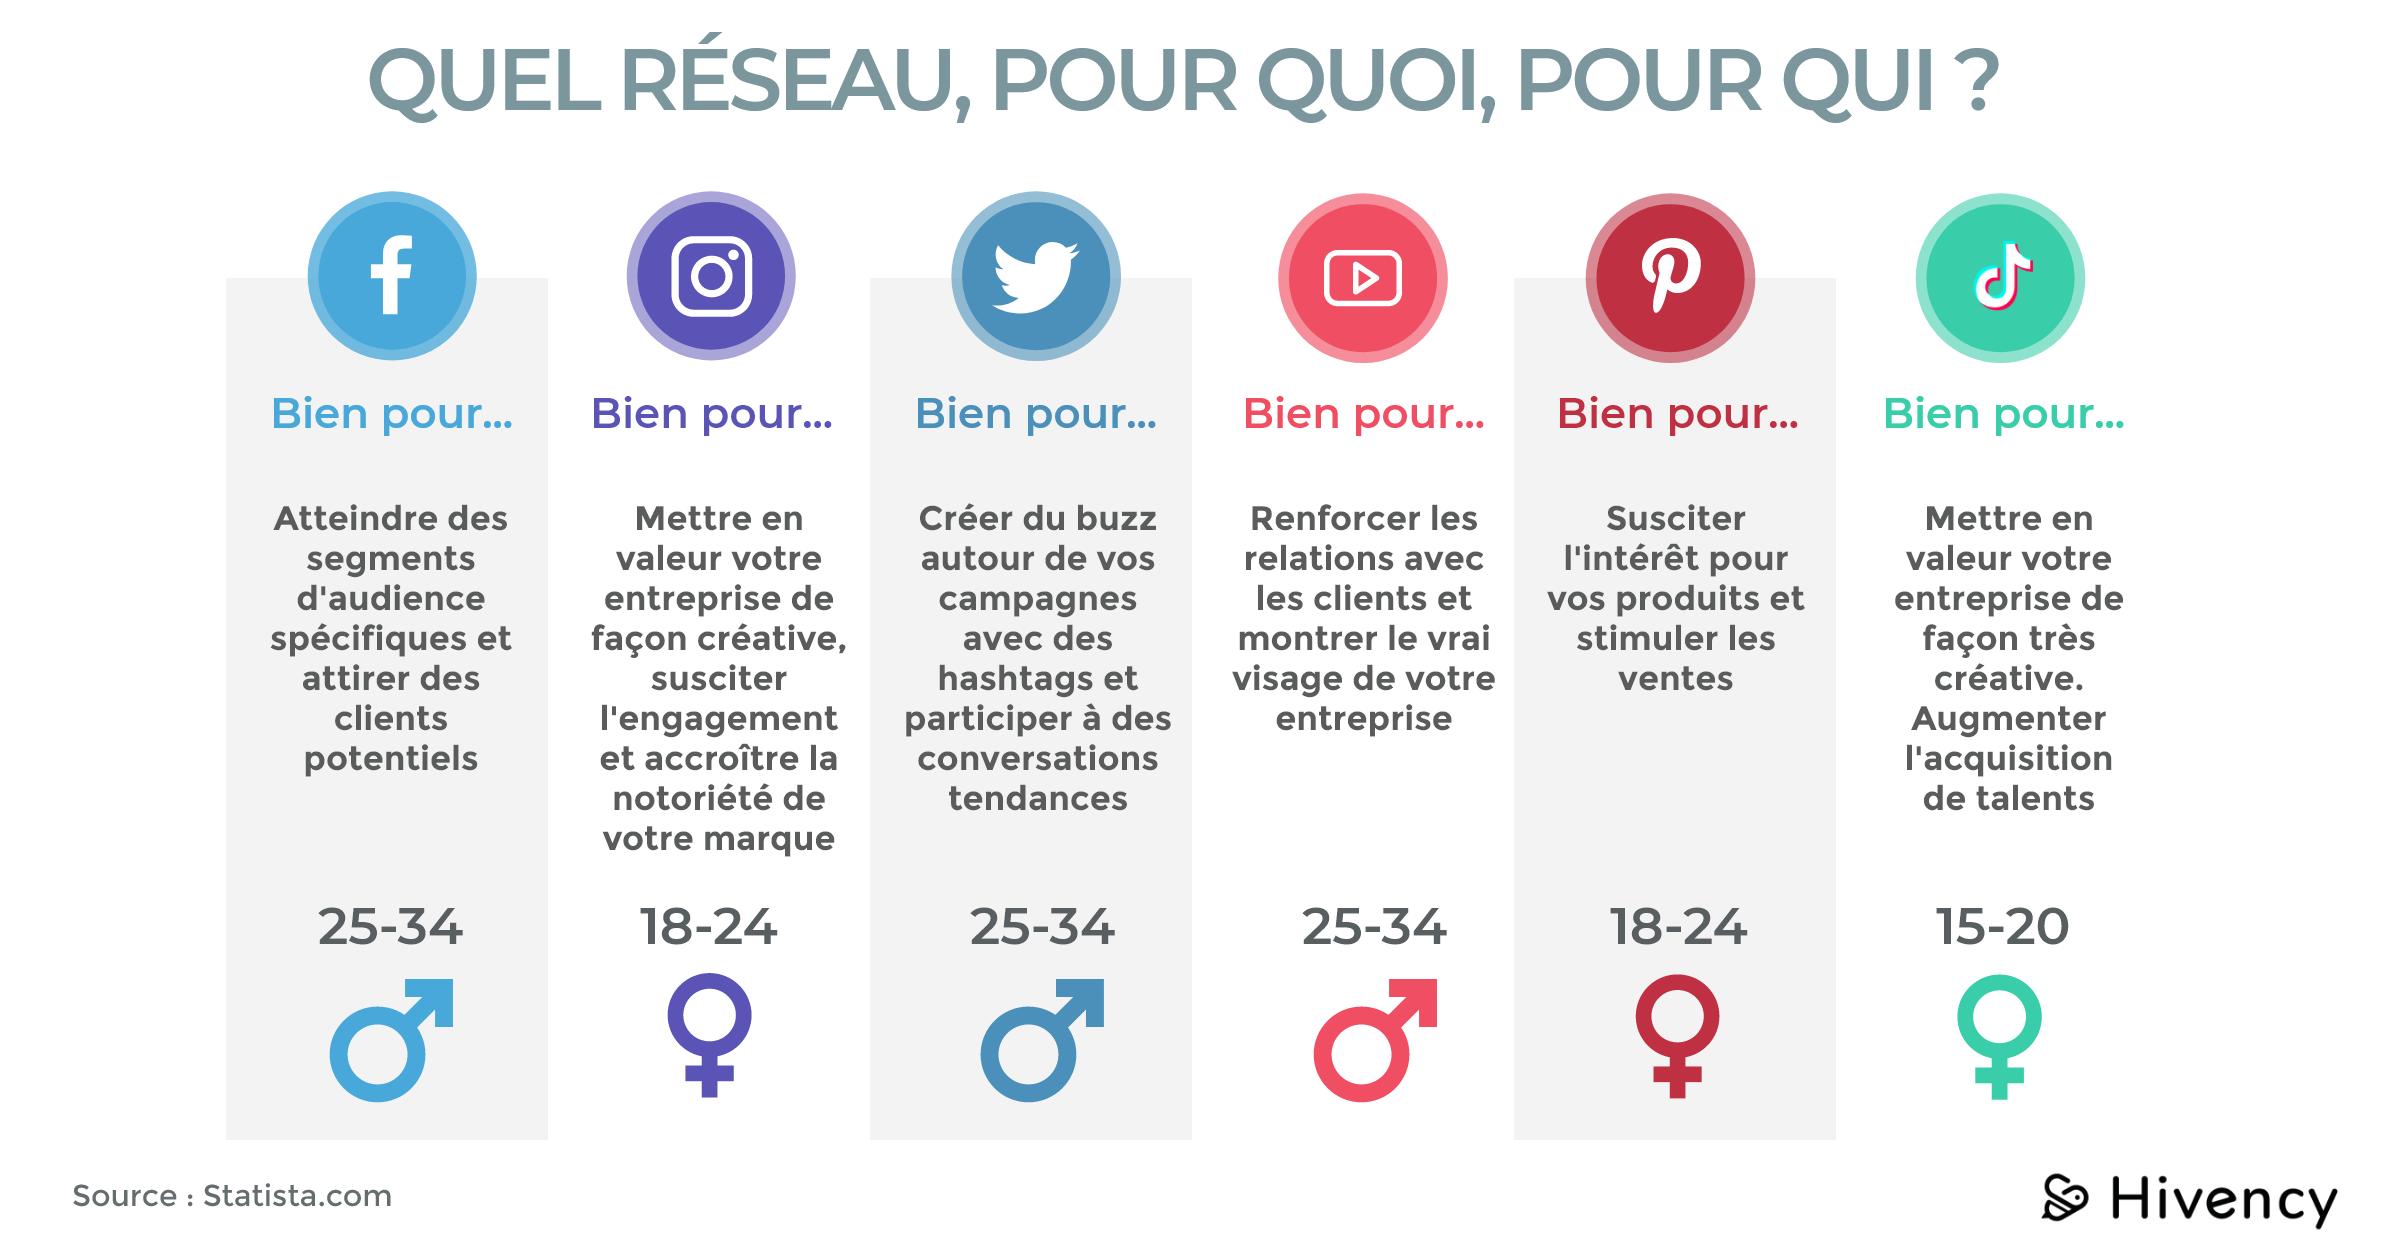 Les réseaux sociaux par cible_Hivency Le blog-1